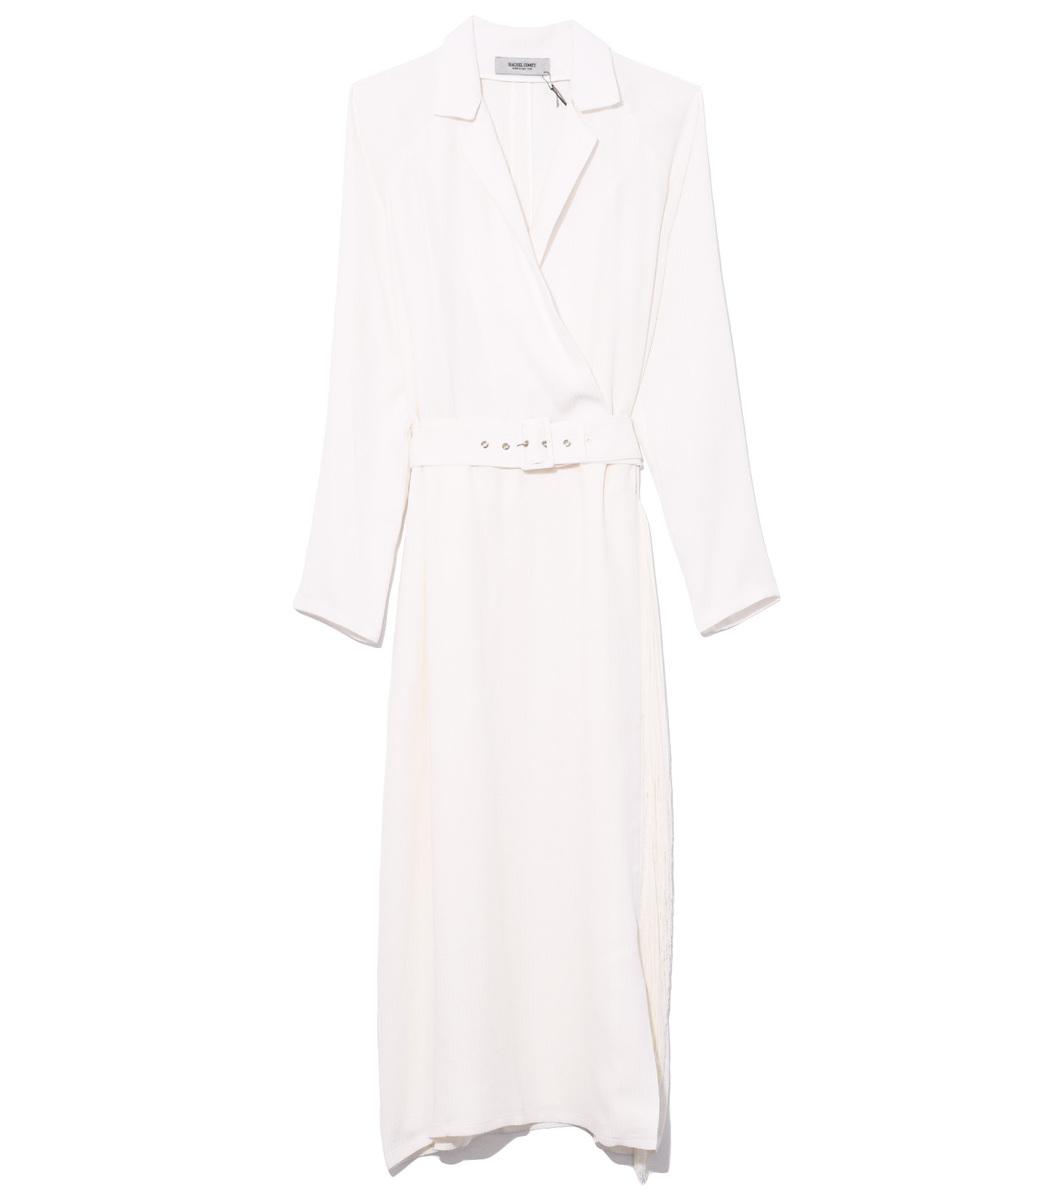 Rachel Comey Sunder Dress in Off-White